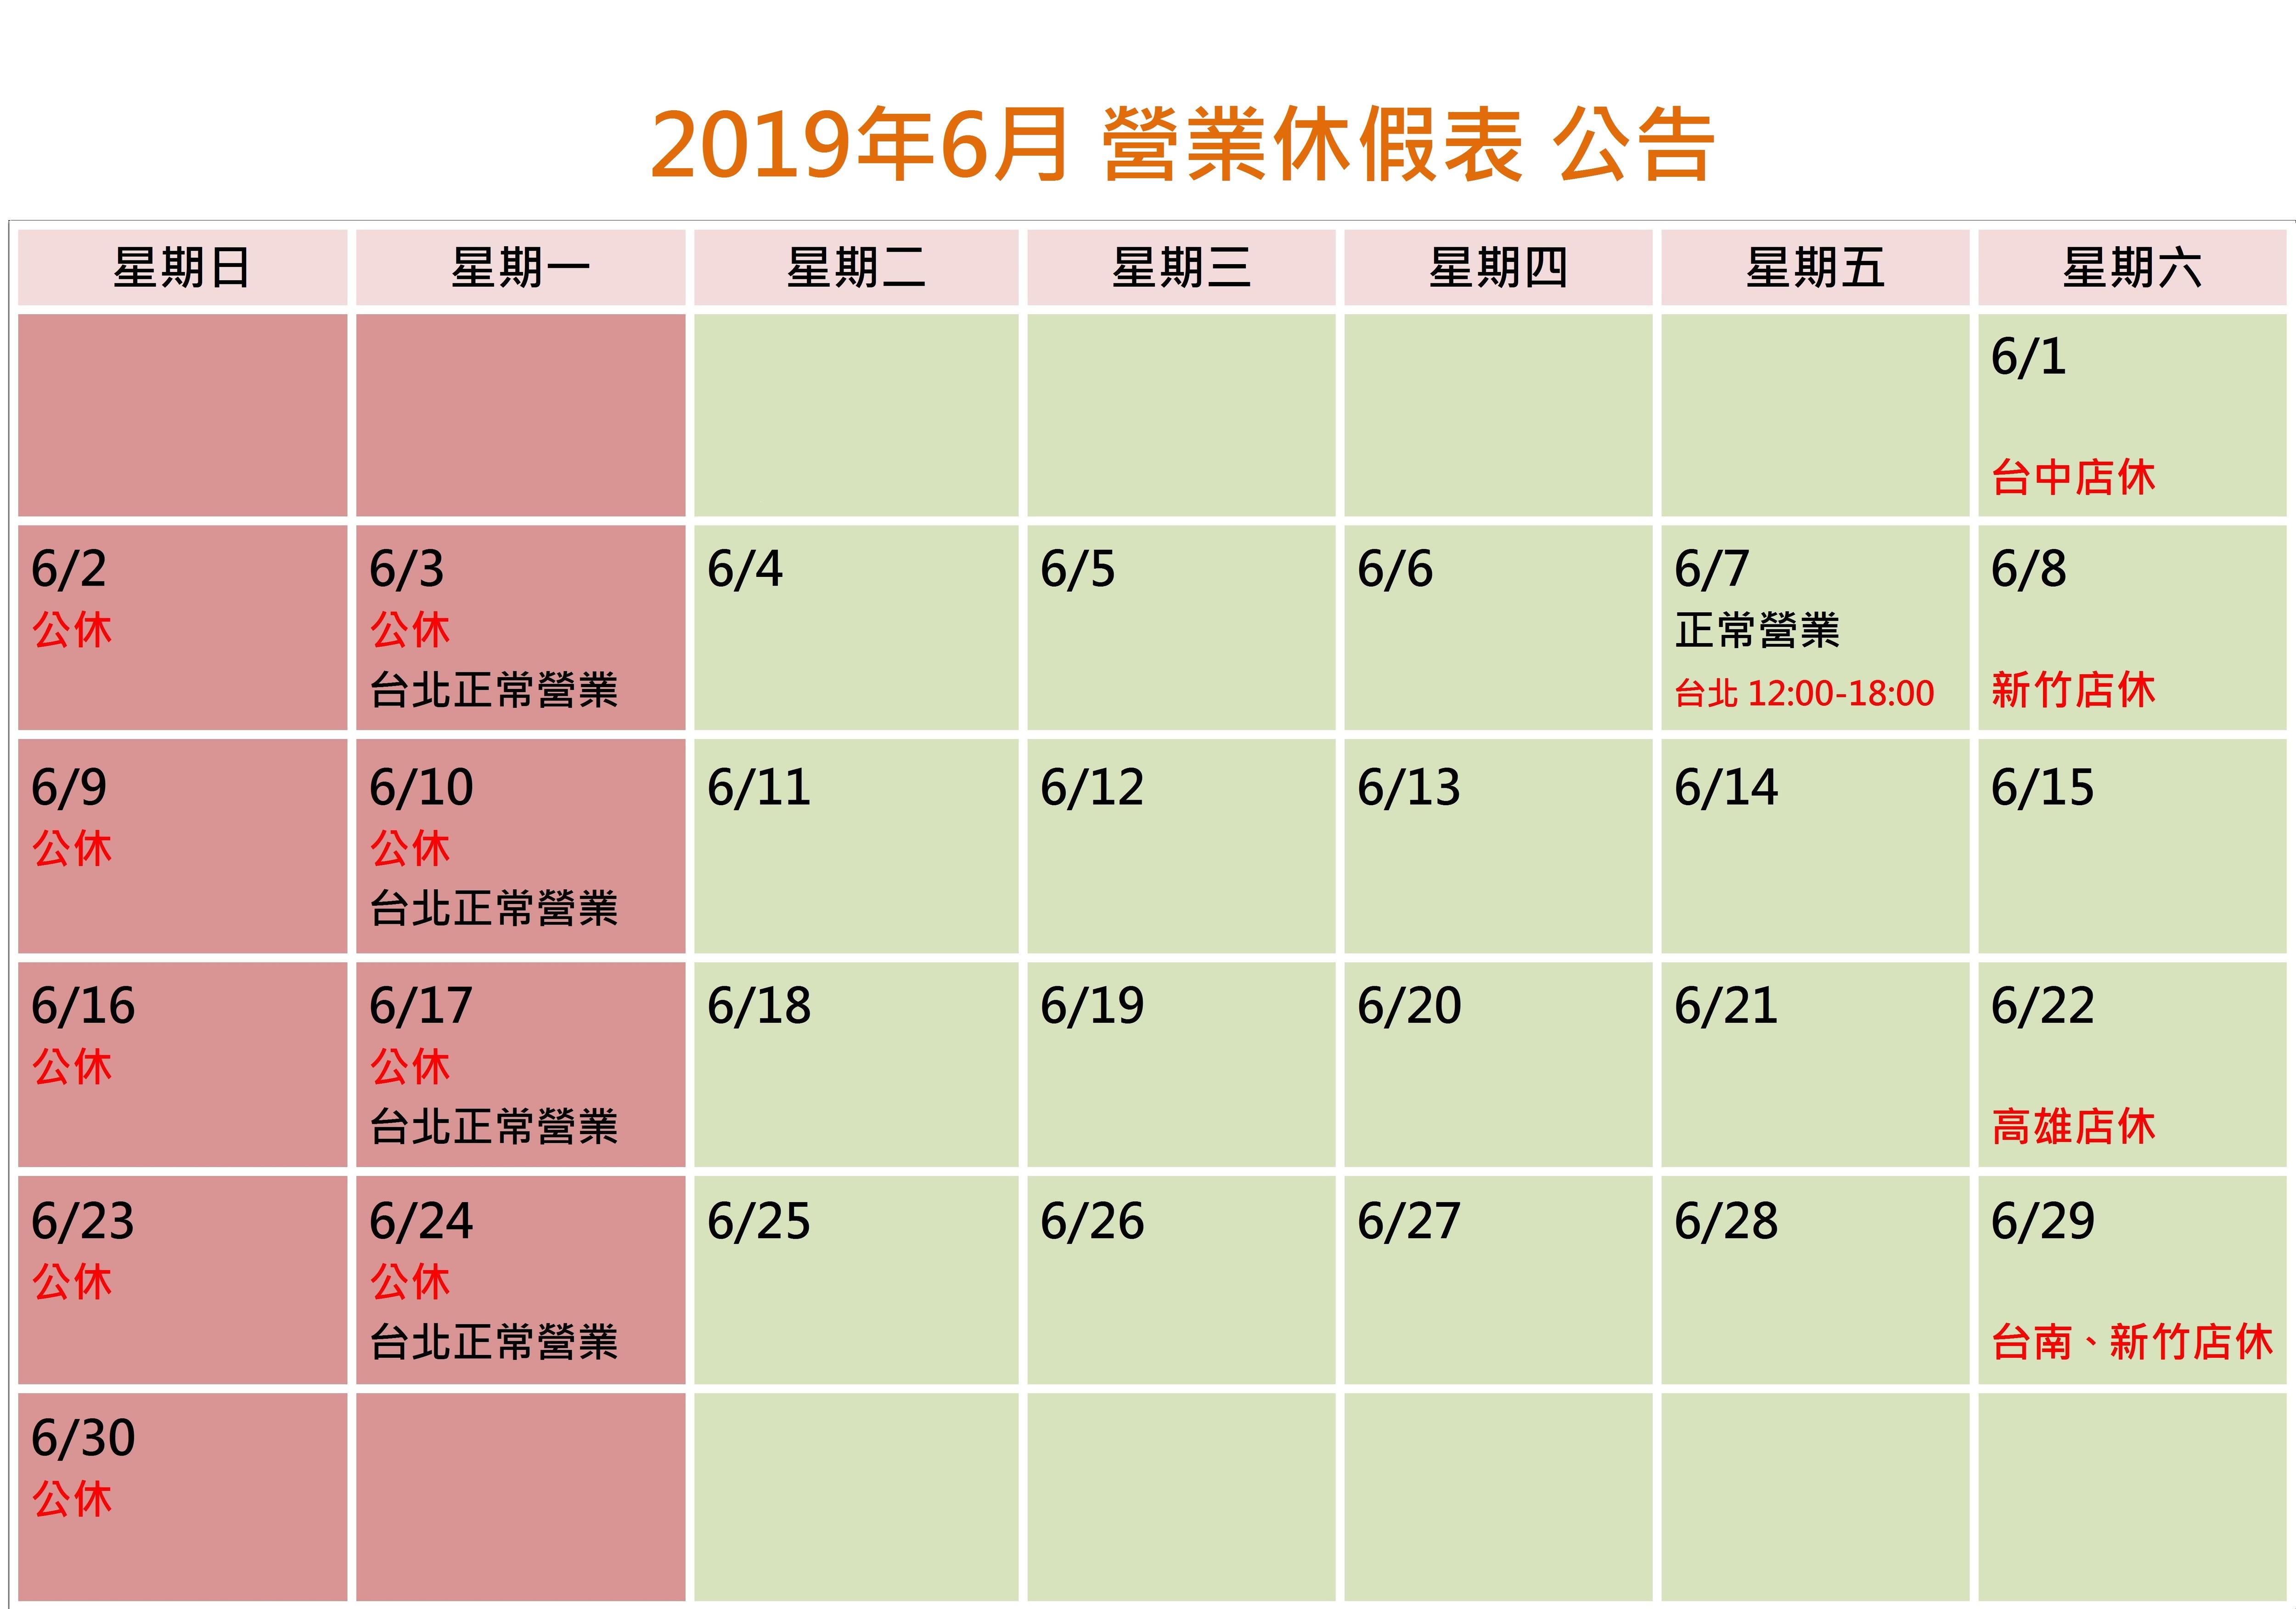 鴻宇光學門市6月營業休假日公告